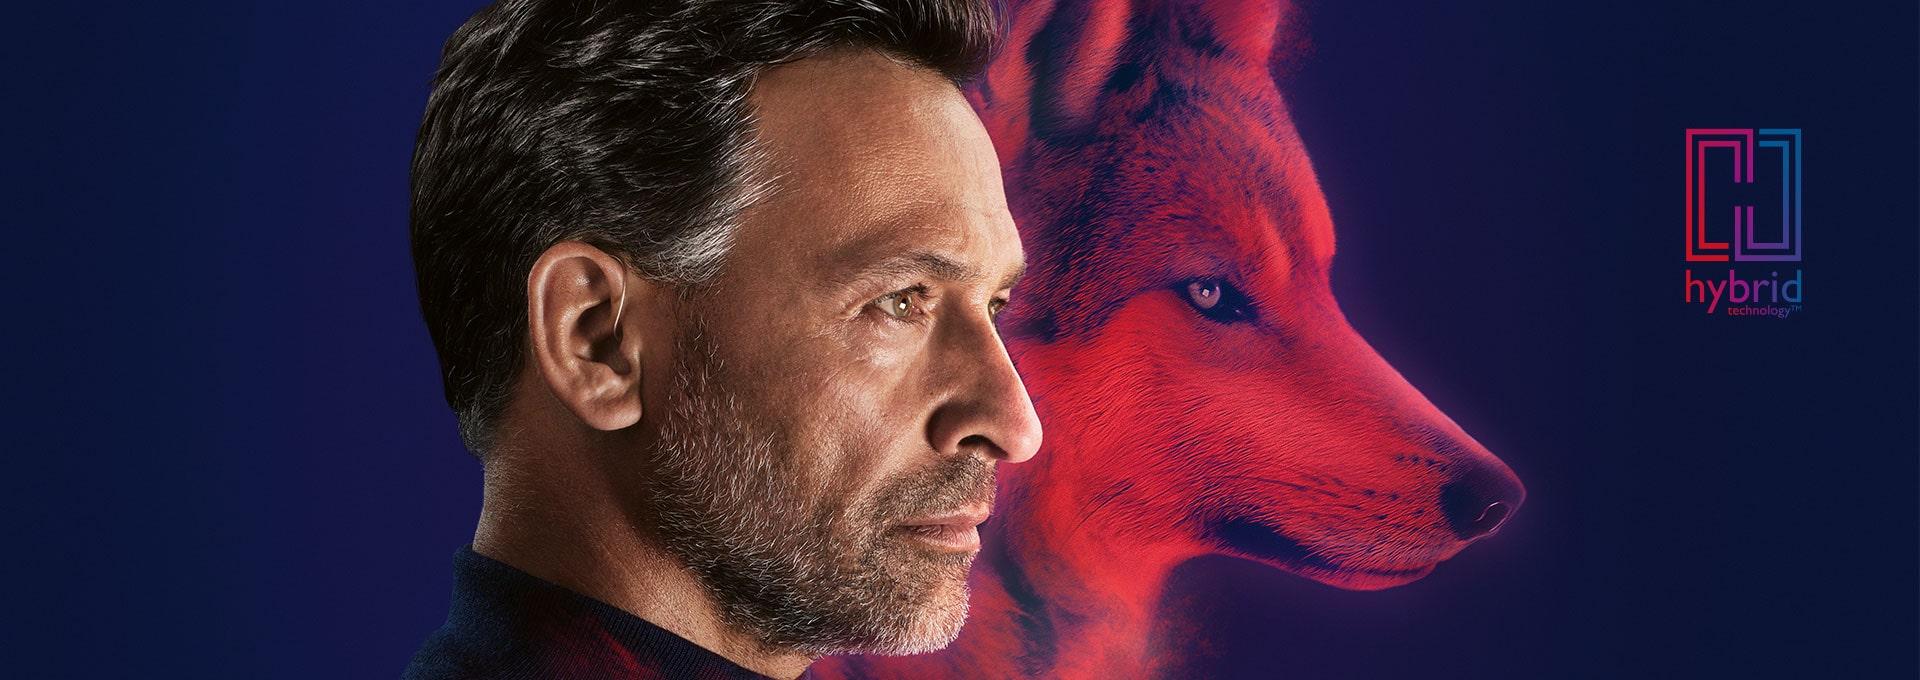 Homme au profil latéral fort portant des appareils auditifs rechargeables Alpha, une silhouette de loup et le logo de la technologie hybride